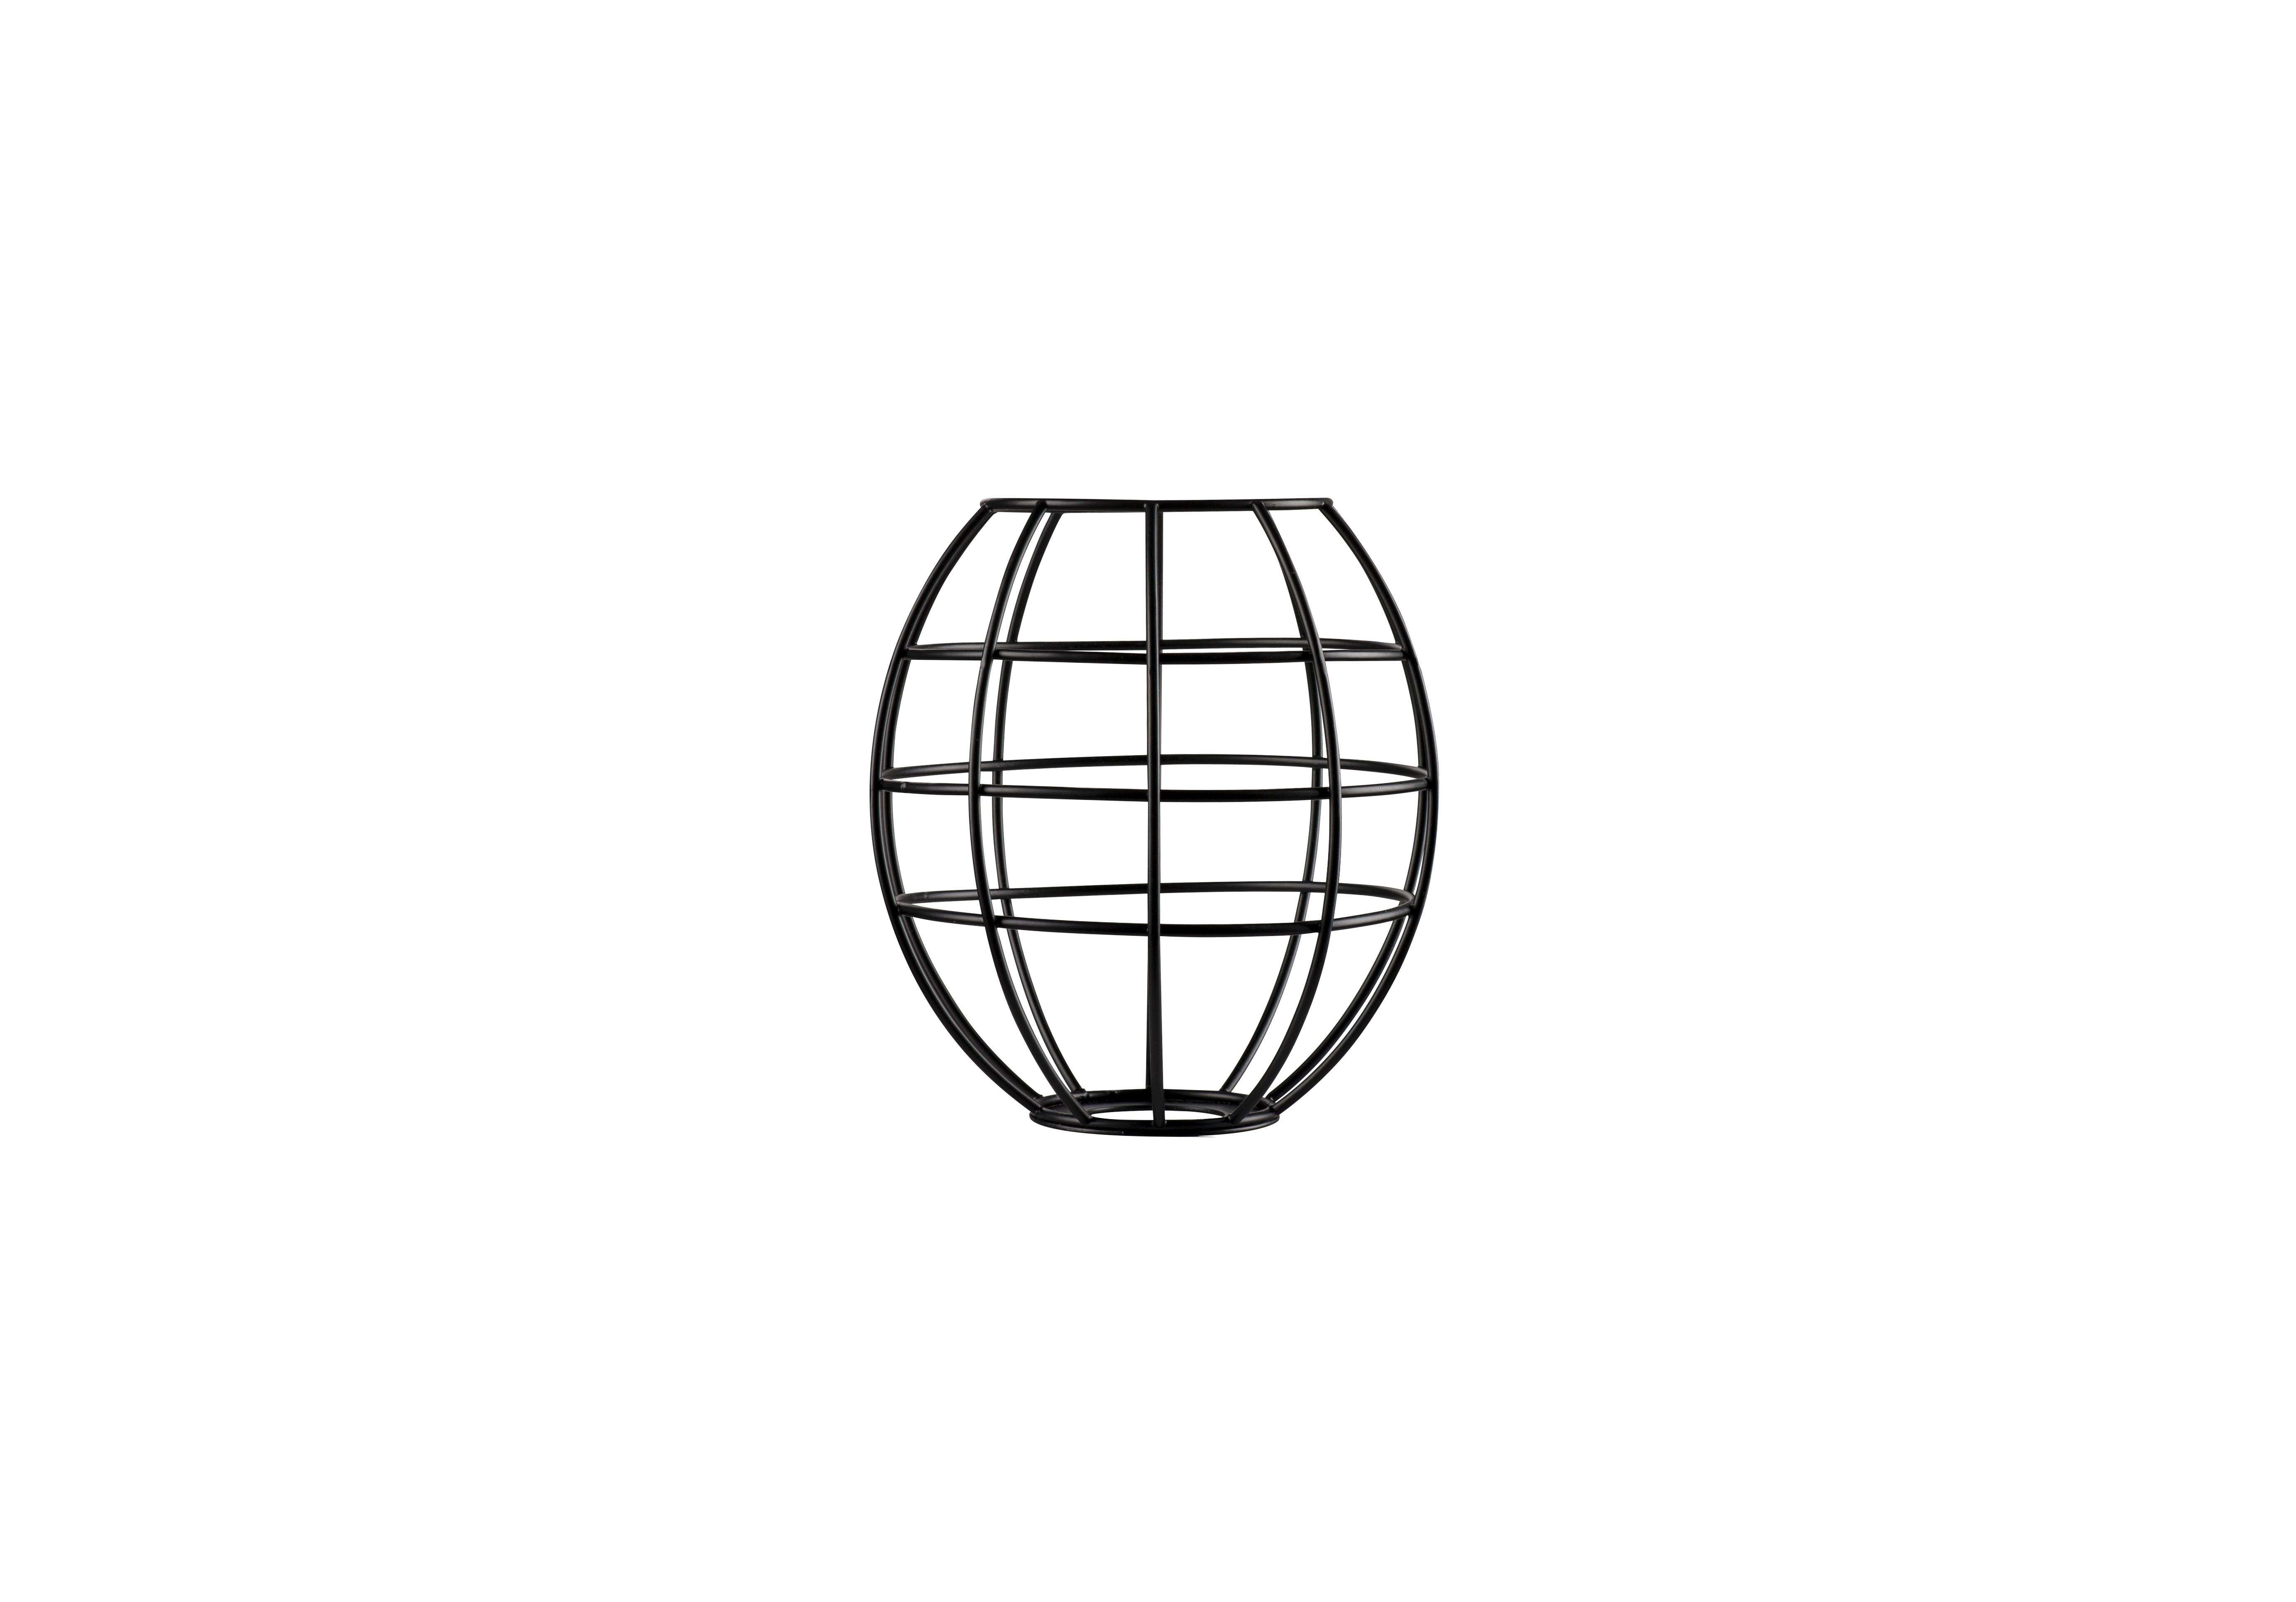 1 Stk FENDA, Leuchtenschirm, Gitterschirm, Ø/H 17,5/18,5 cm LI156970--